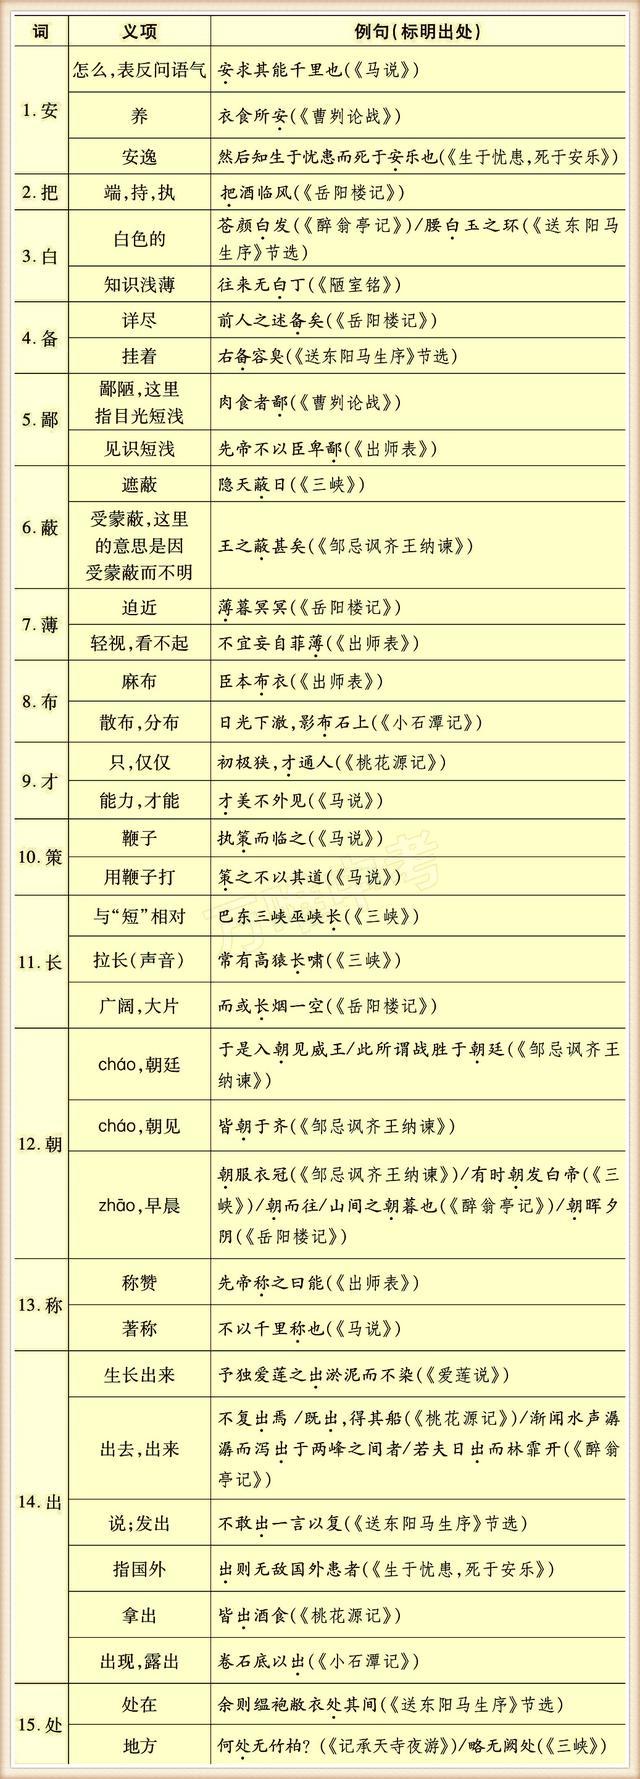 初中常用130个实词,掌握住没有学不懂的文言文!